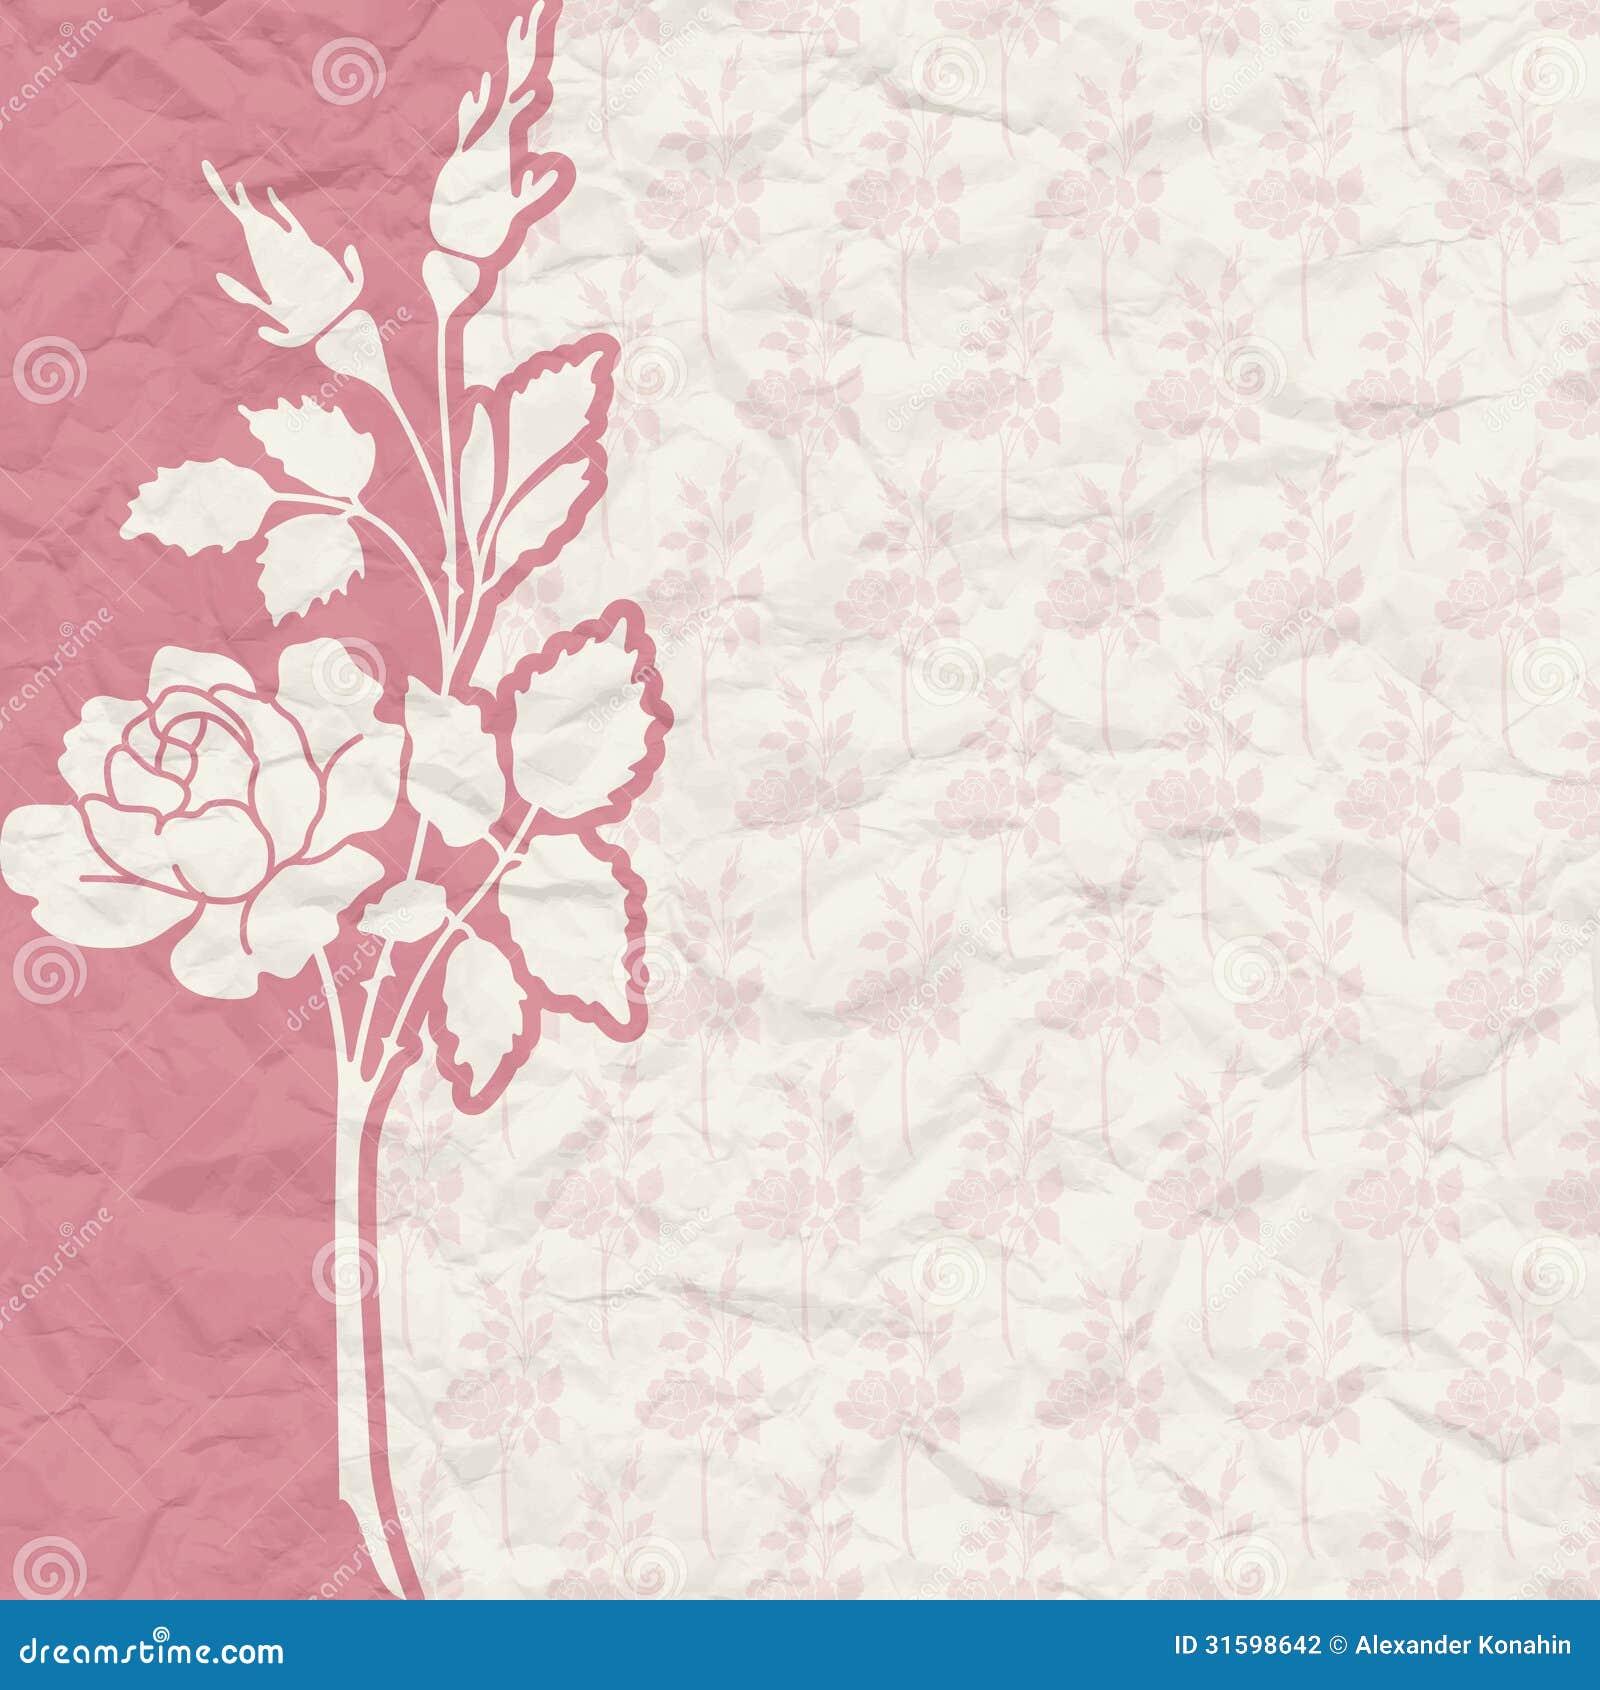 Matrimonio Catolico Sin Confirmacion : Fondo del vintage para la invitación con las flores